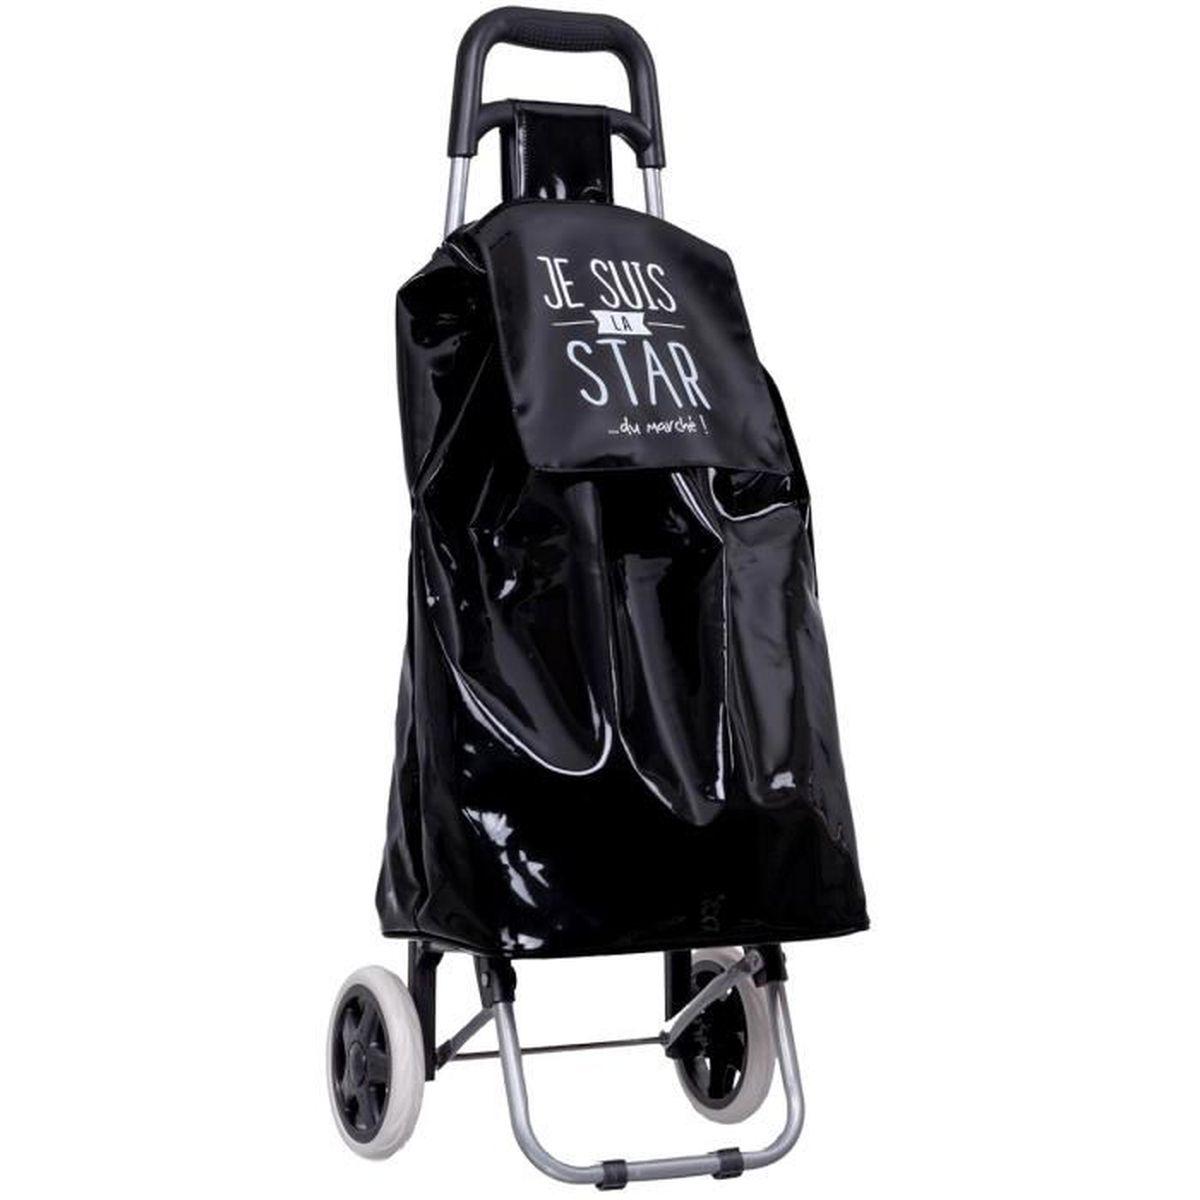 chariot de courses shopping a roulettes collection fun je suis la star noir achat vente sac. Black Bedroom Furniture Sets. Home Design Ideas